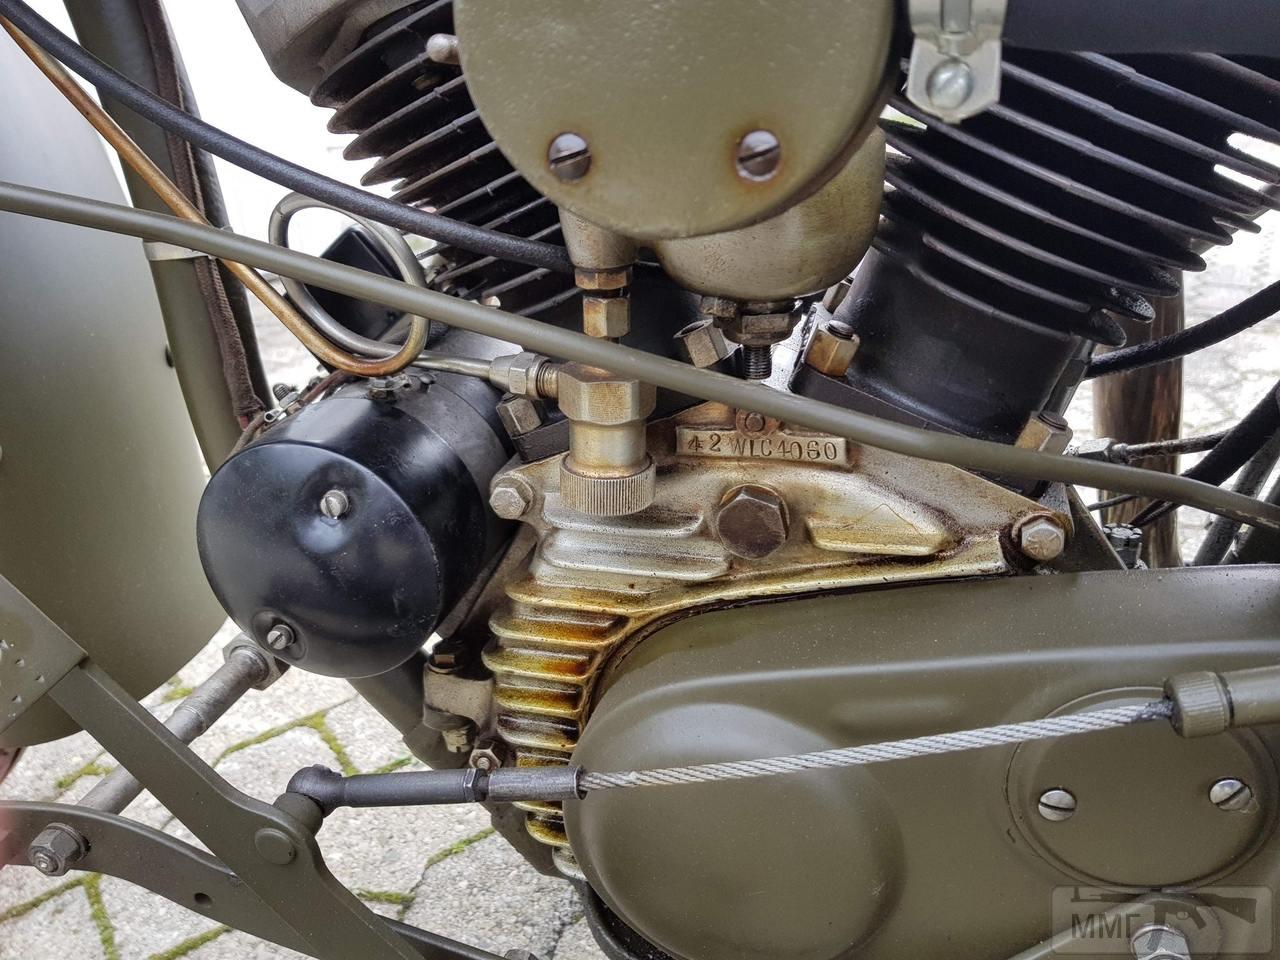 86170 - Армейские мотоциклы